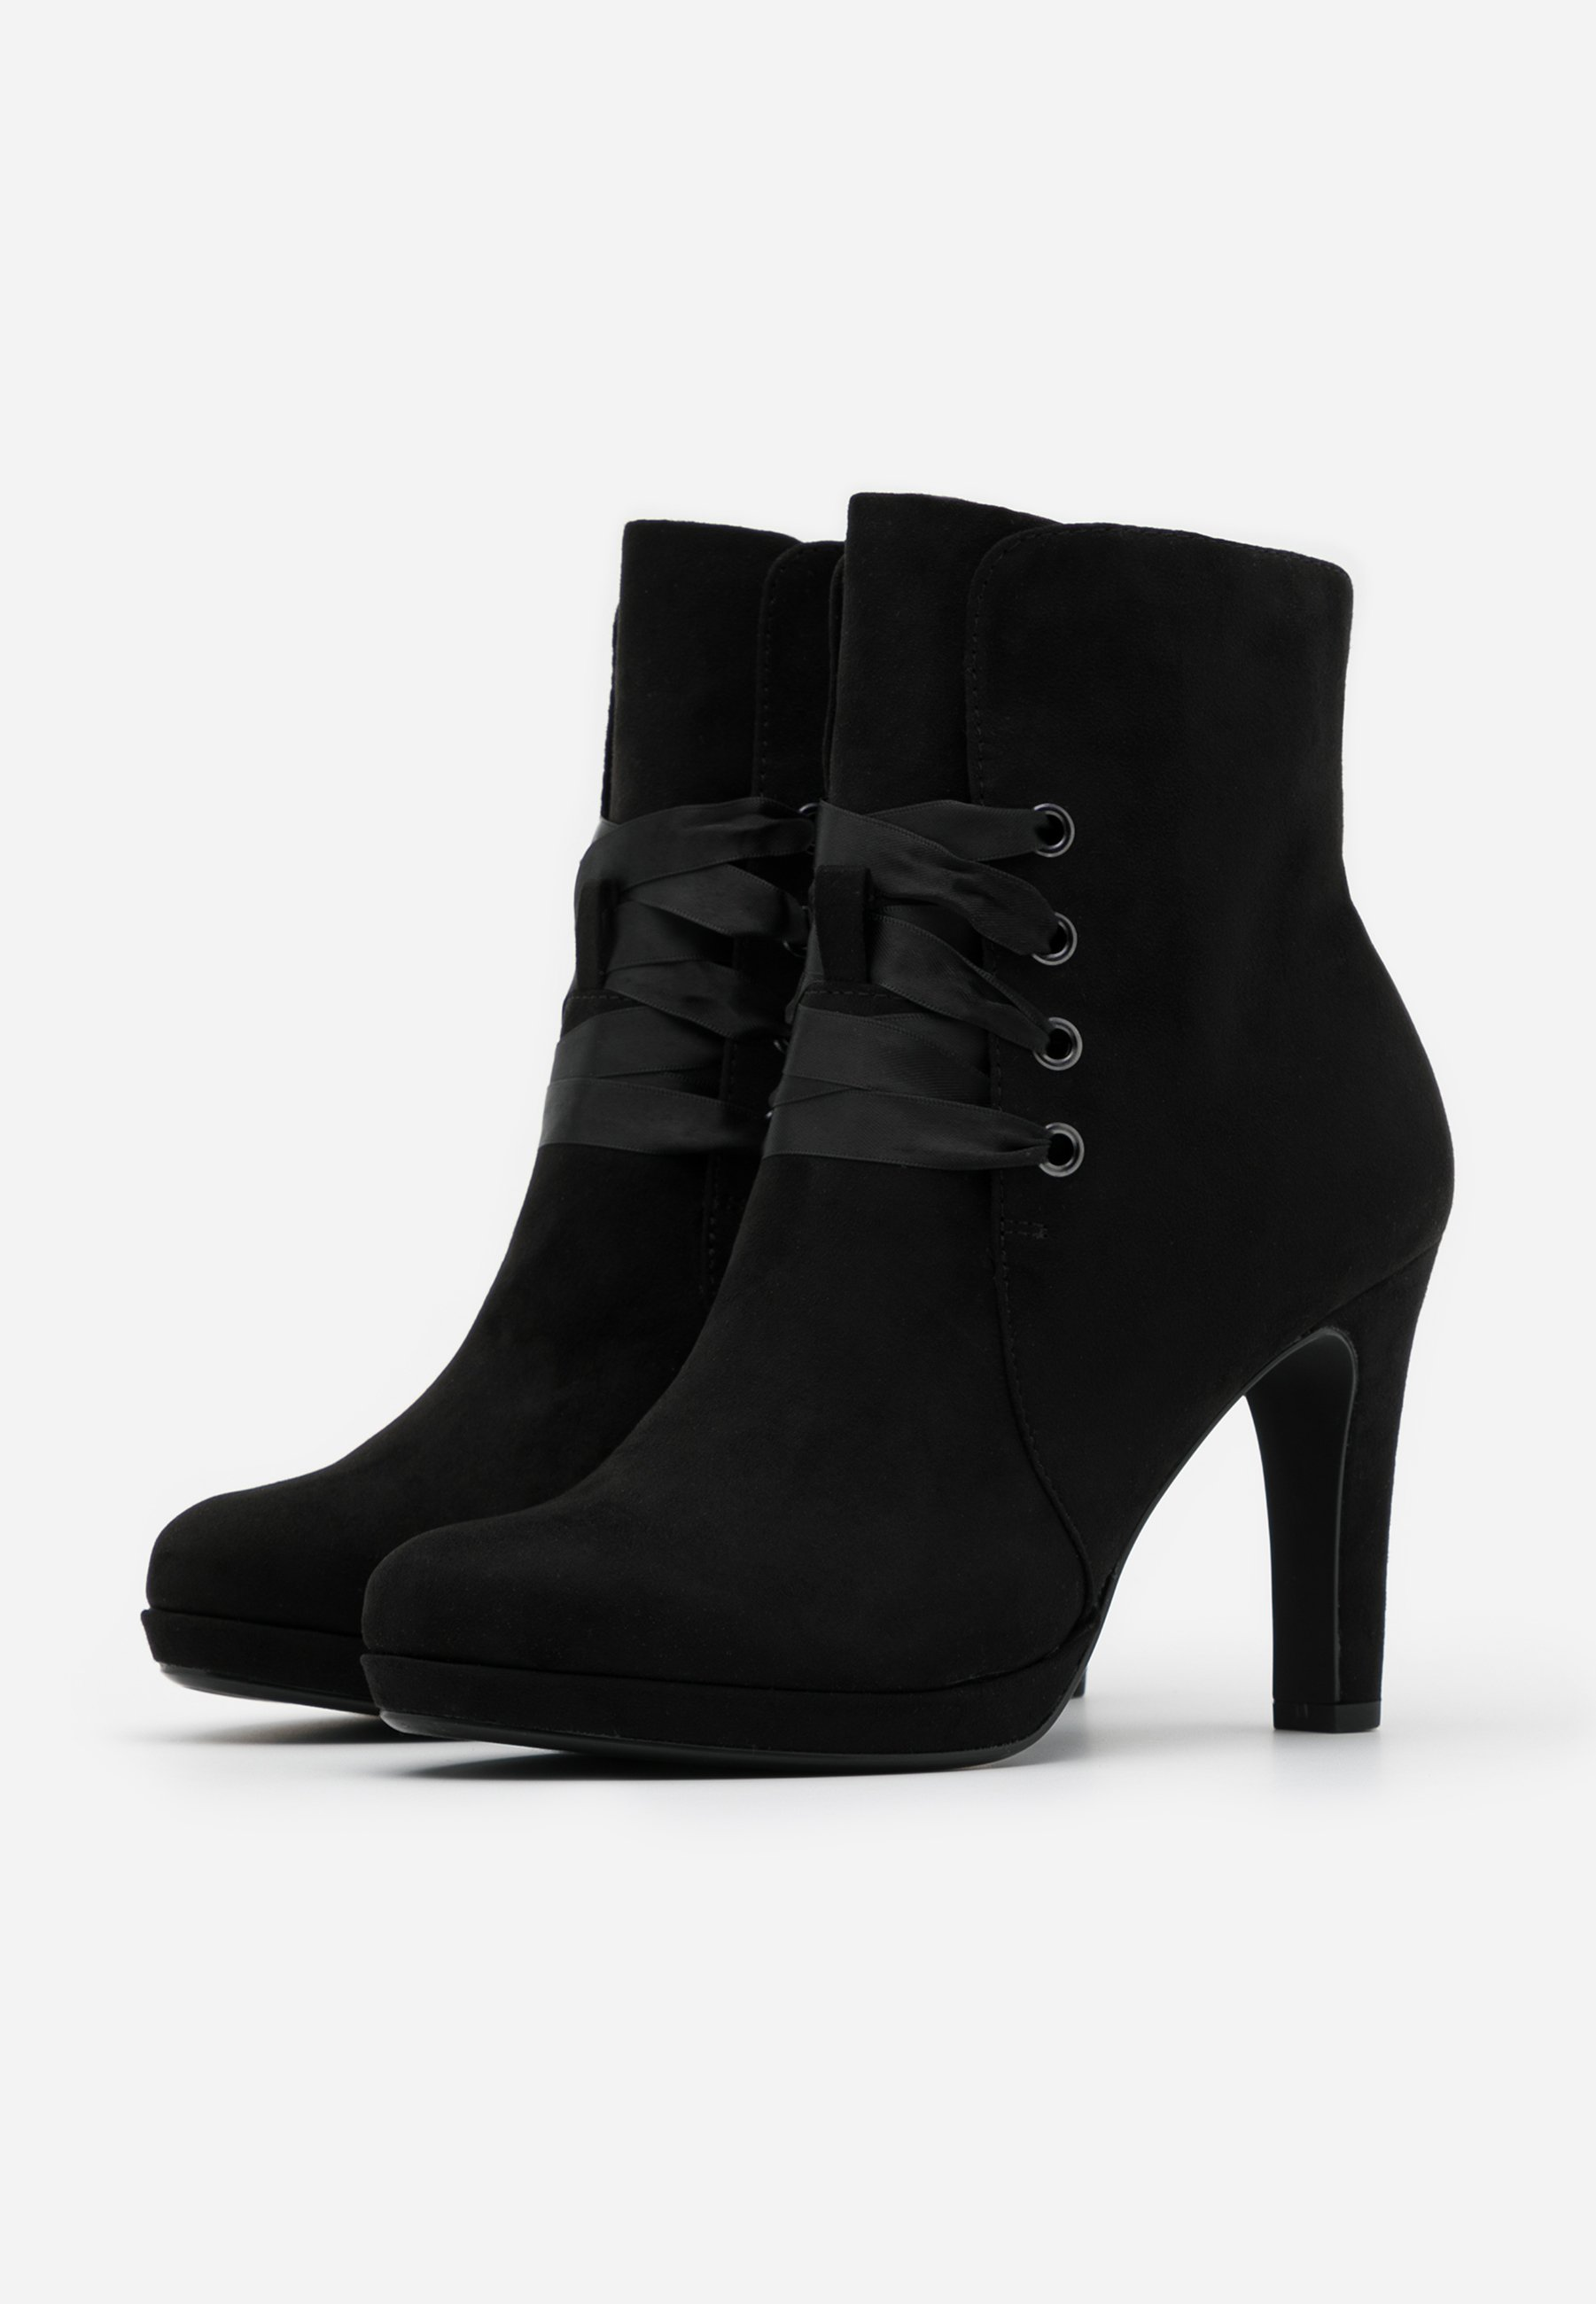 Tamaris High Heel Stiefelette black/schwarz